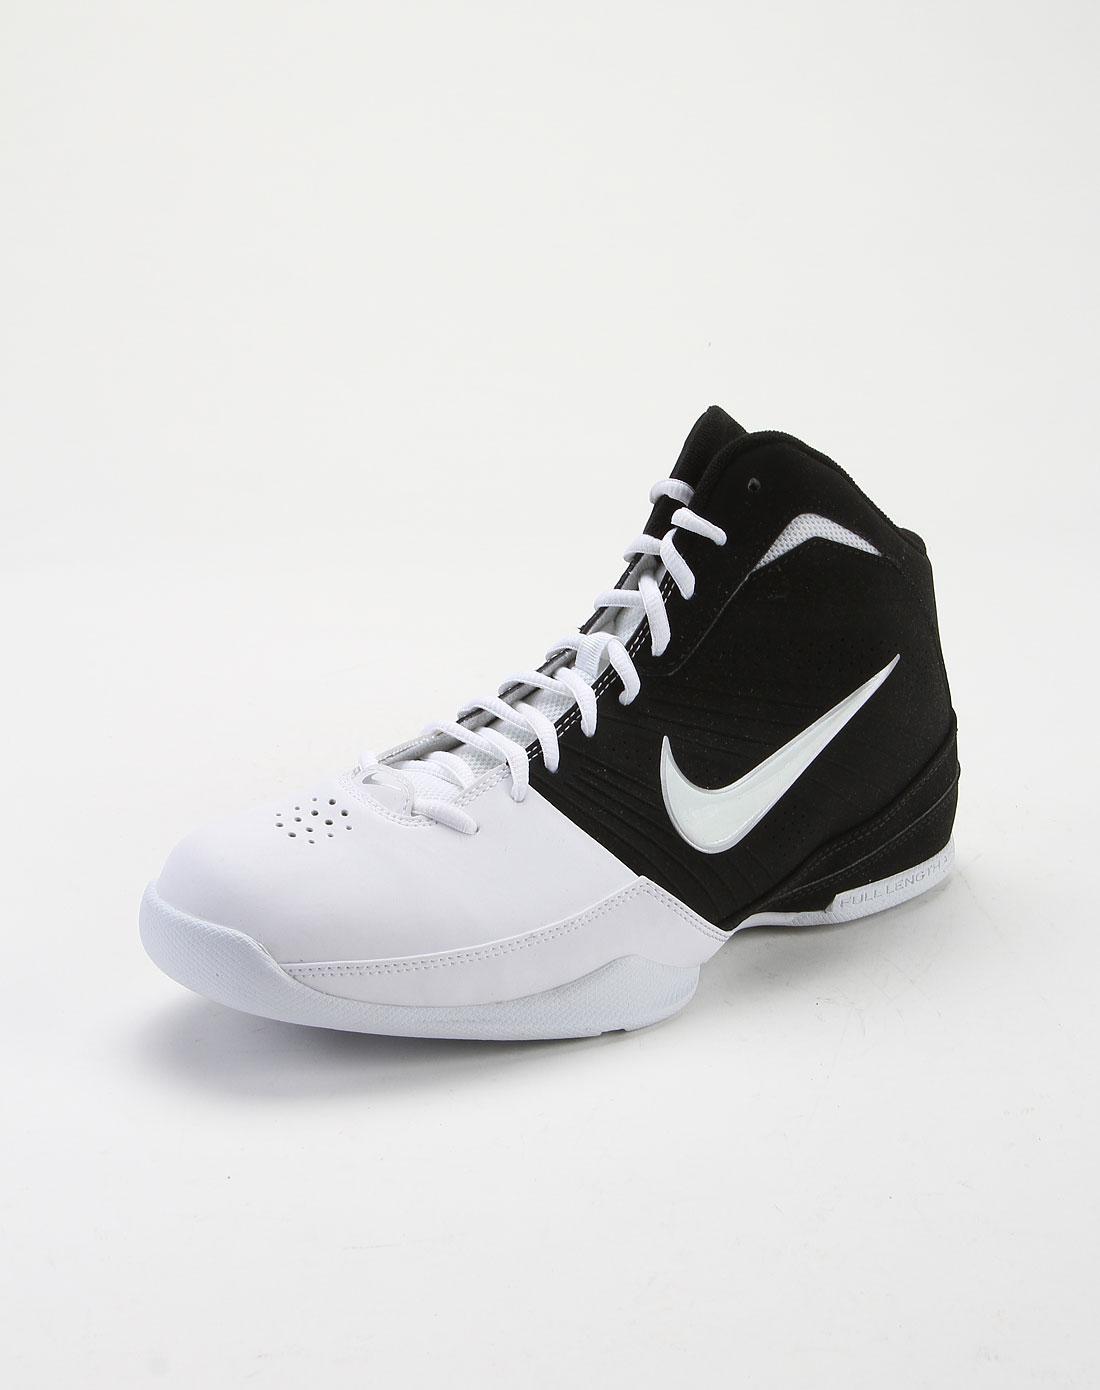 耐克nike-男款黑白撞色新潮时尚篮球鞋472633-004